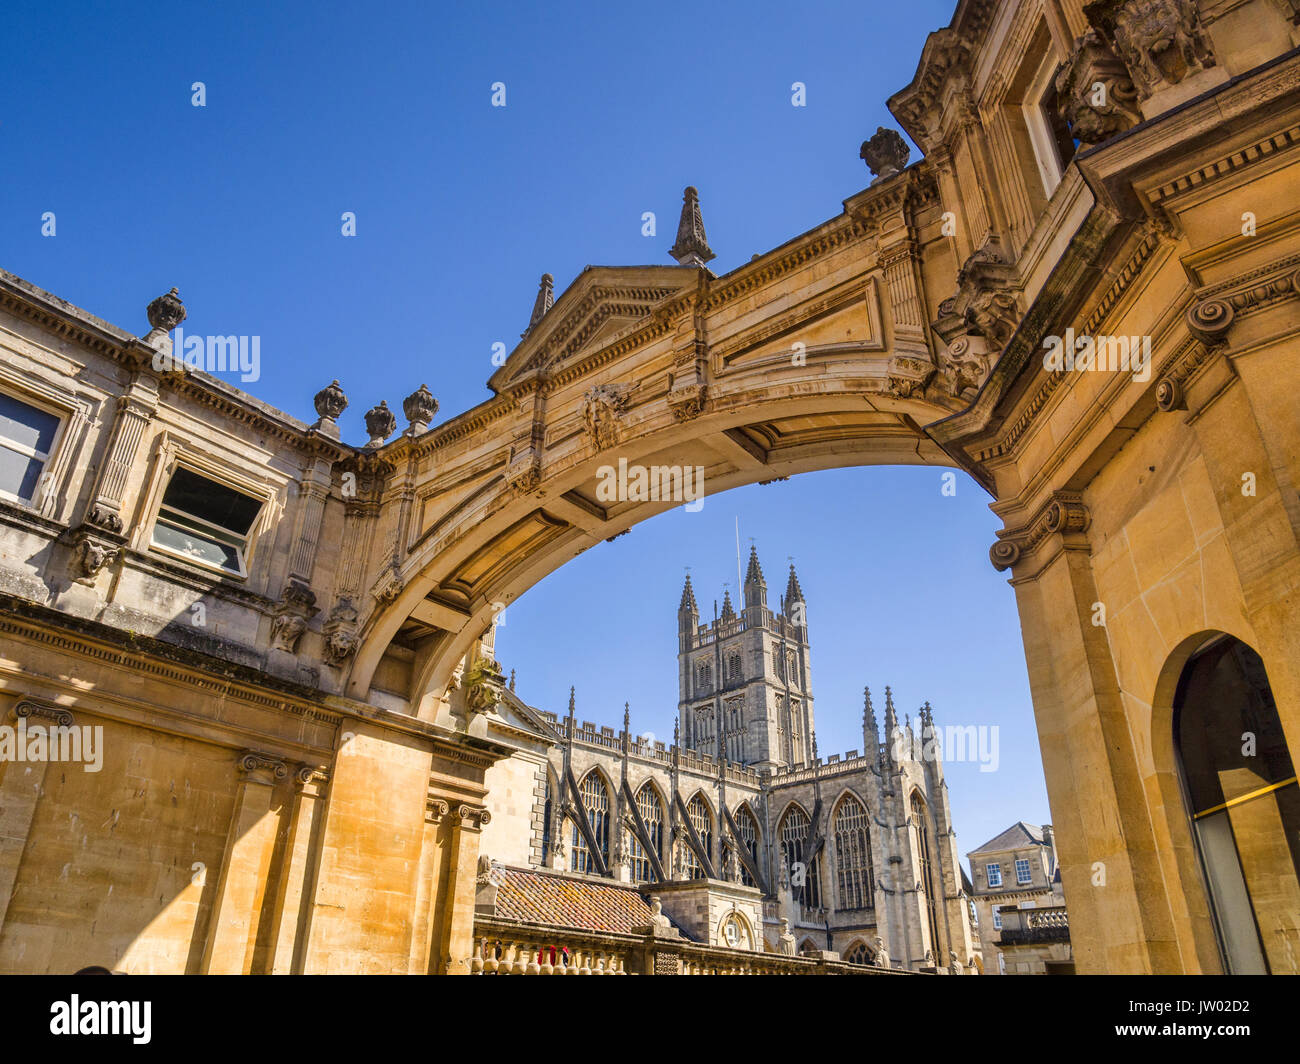 Badewanne, Somerset, England, UK-Bath Abbey durch die York Street Bogen gesehen. Stockbild